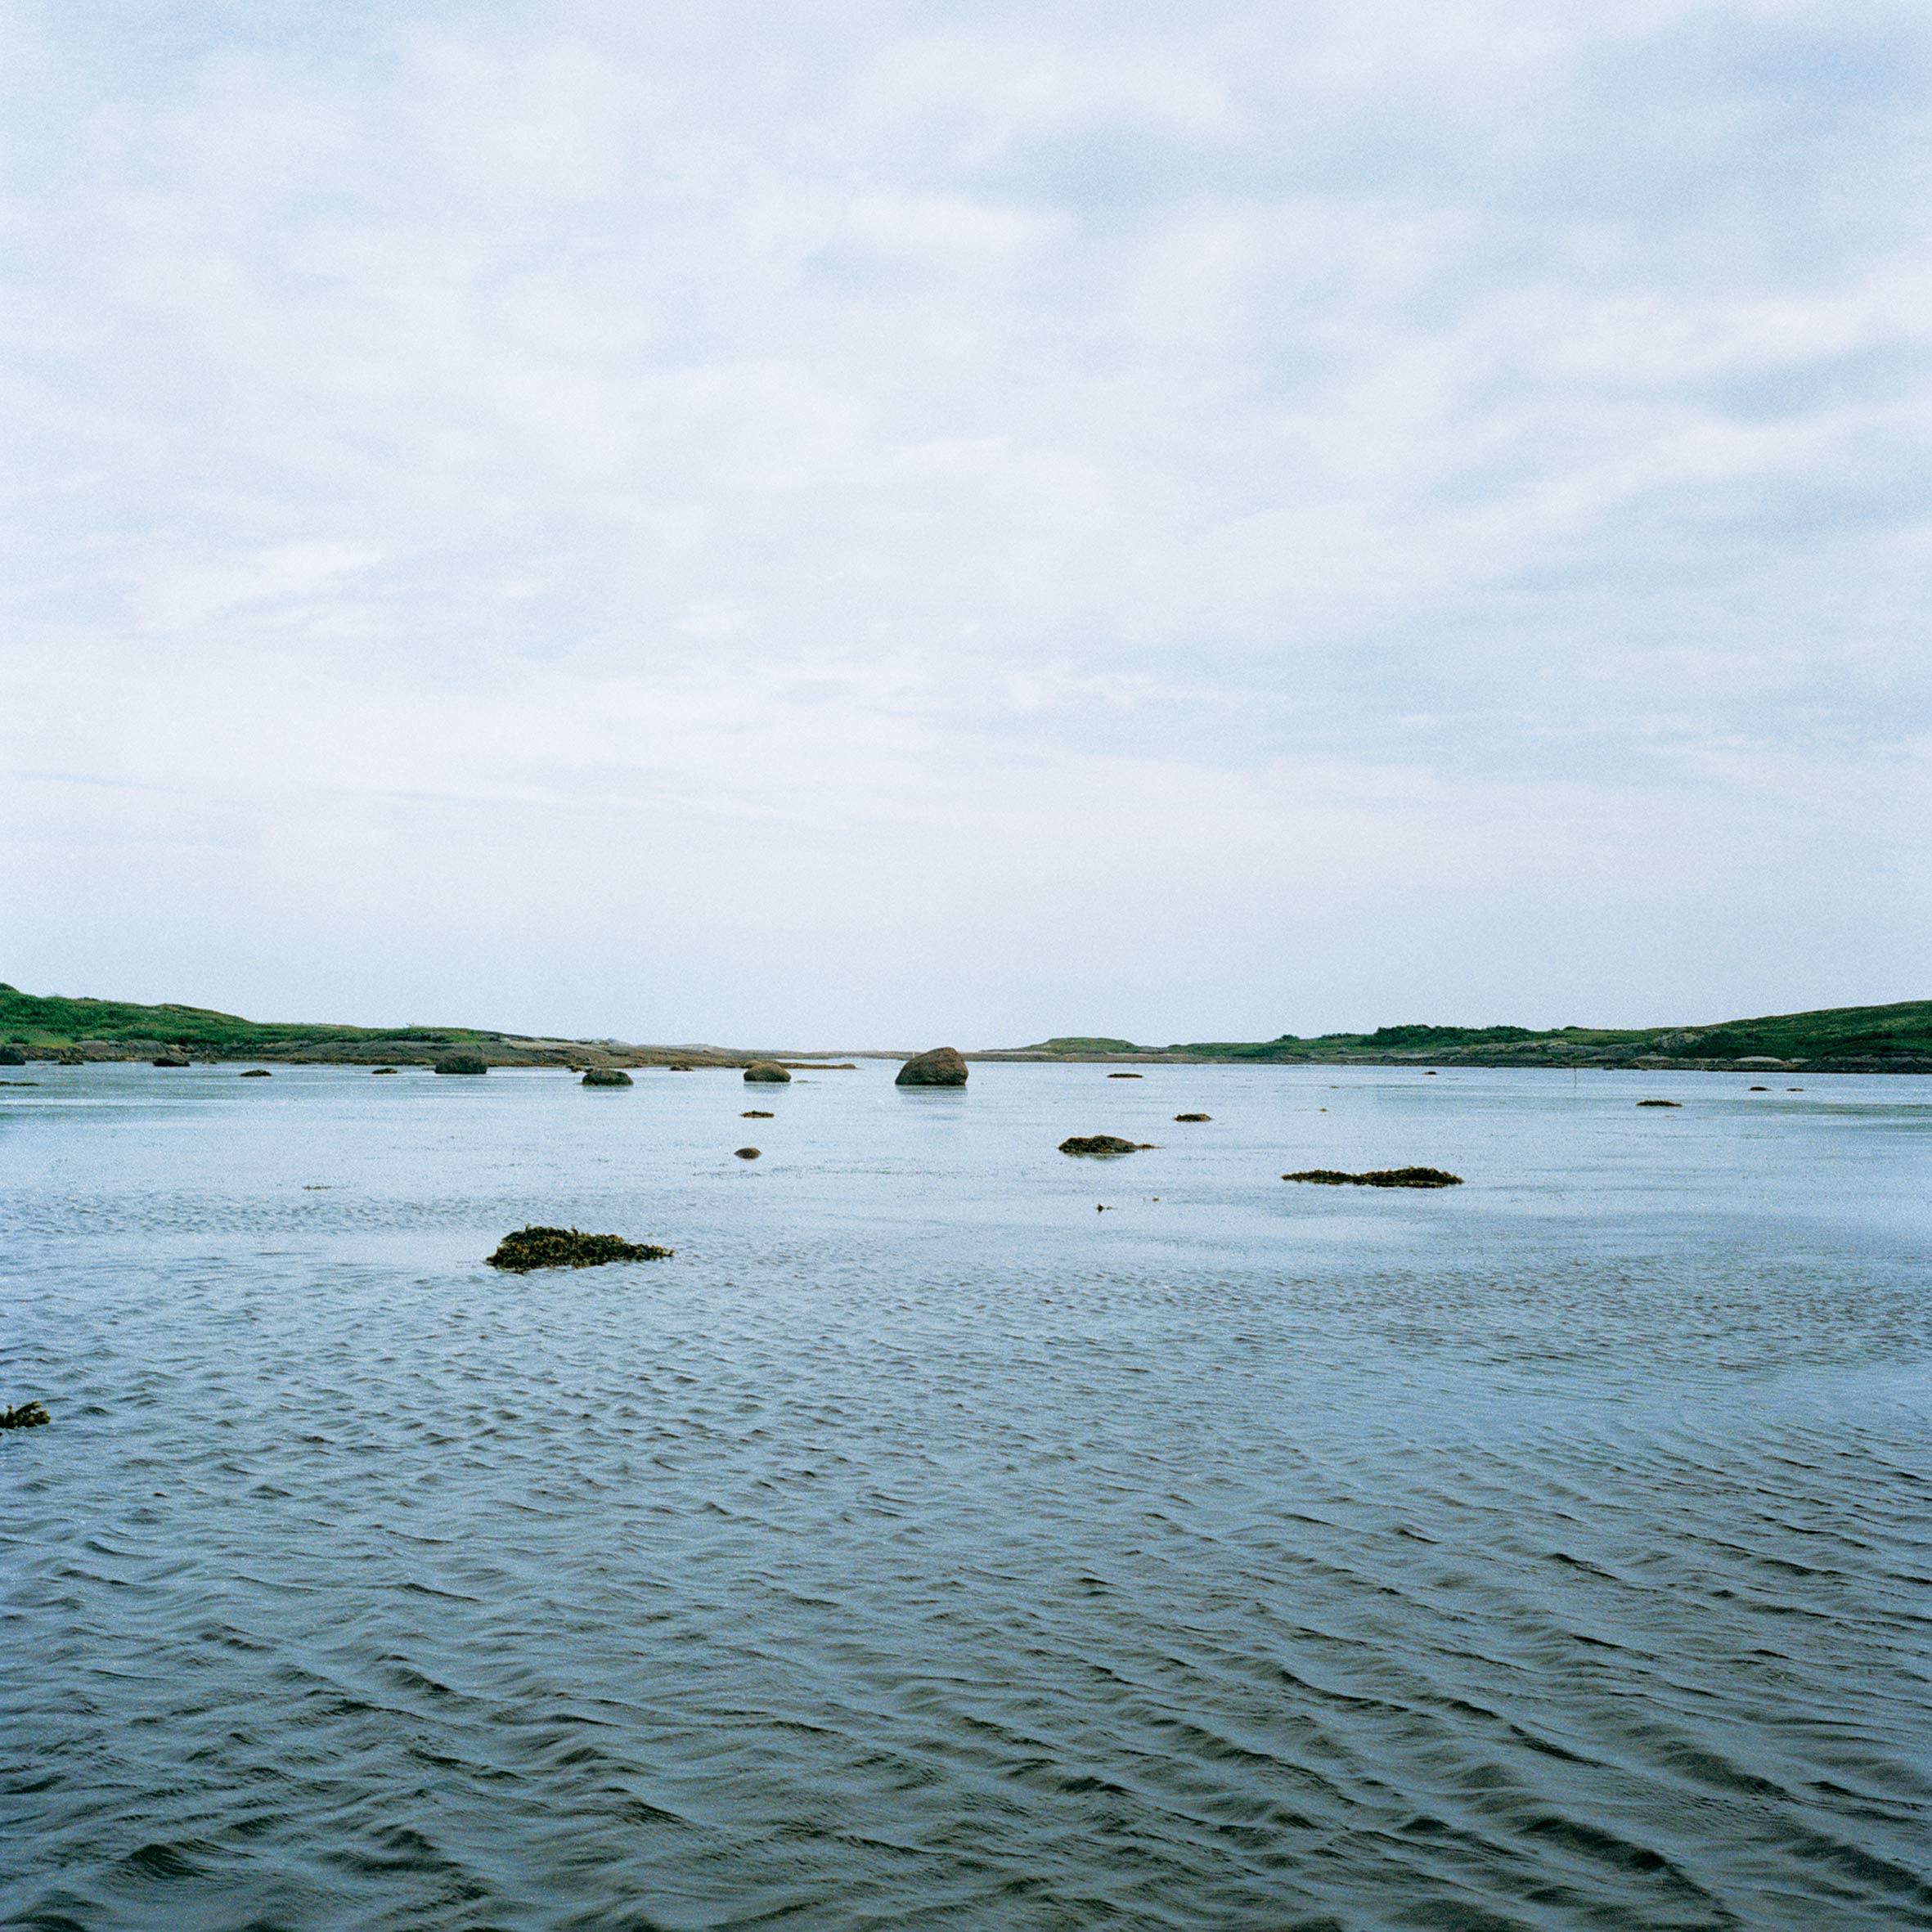 marcher créer, périple autobiographique, territoire du Labrador au Québec, lac, fleuve, pierre et eau, paysage désertique et paysage de la campagne